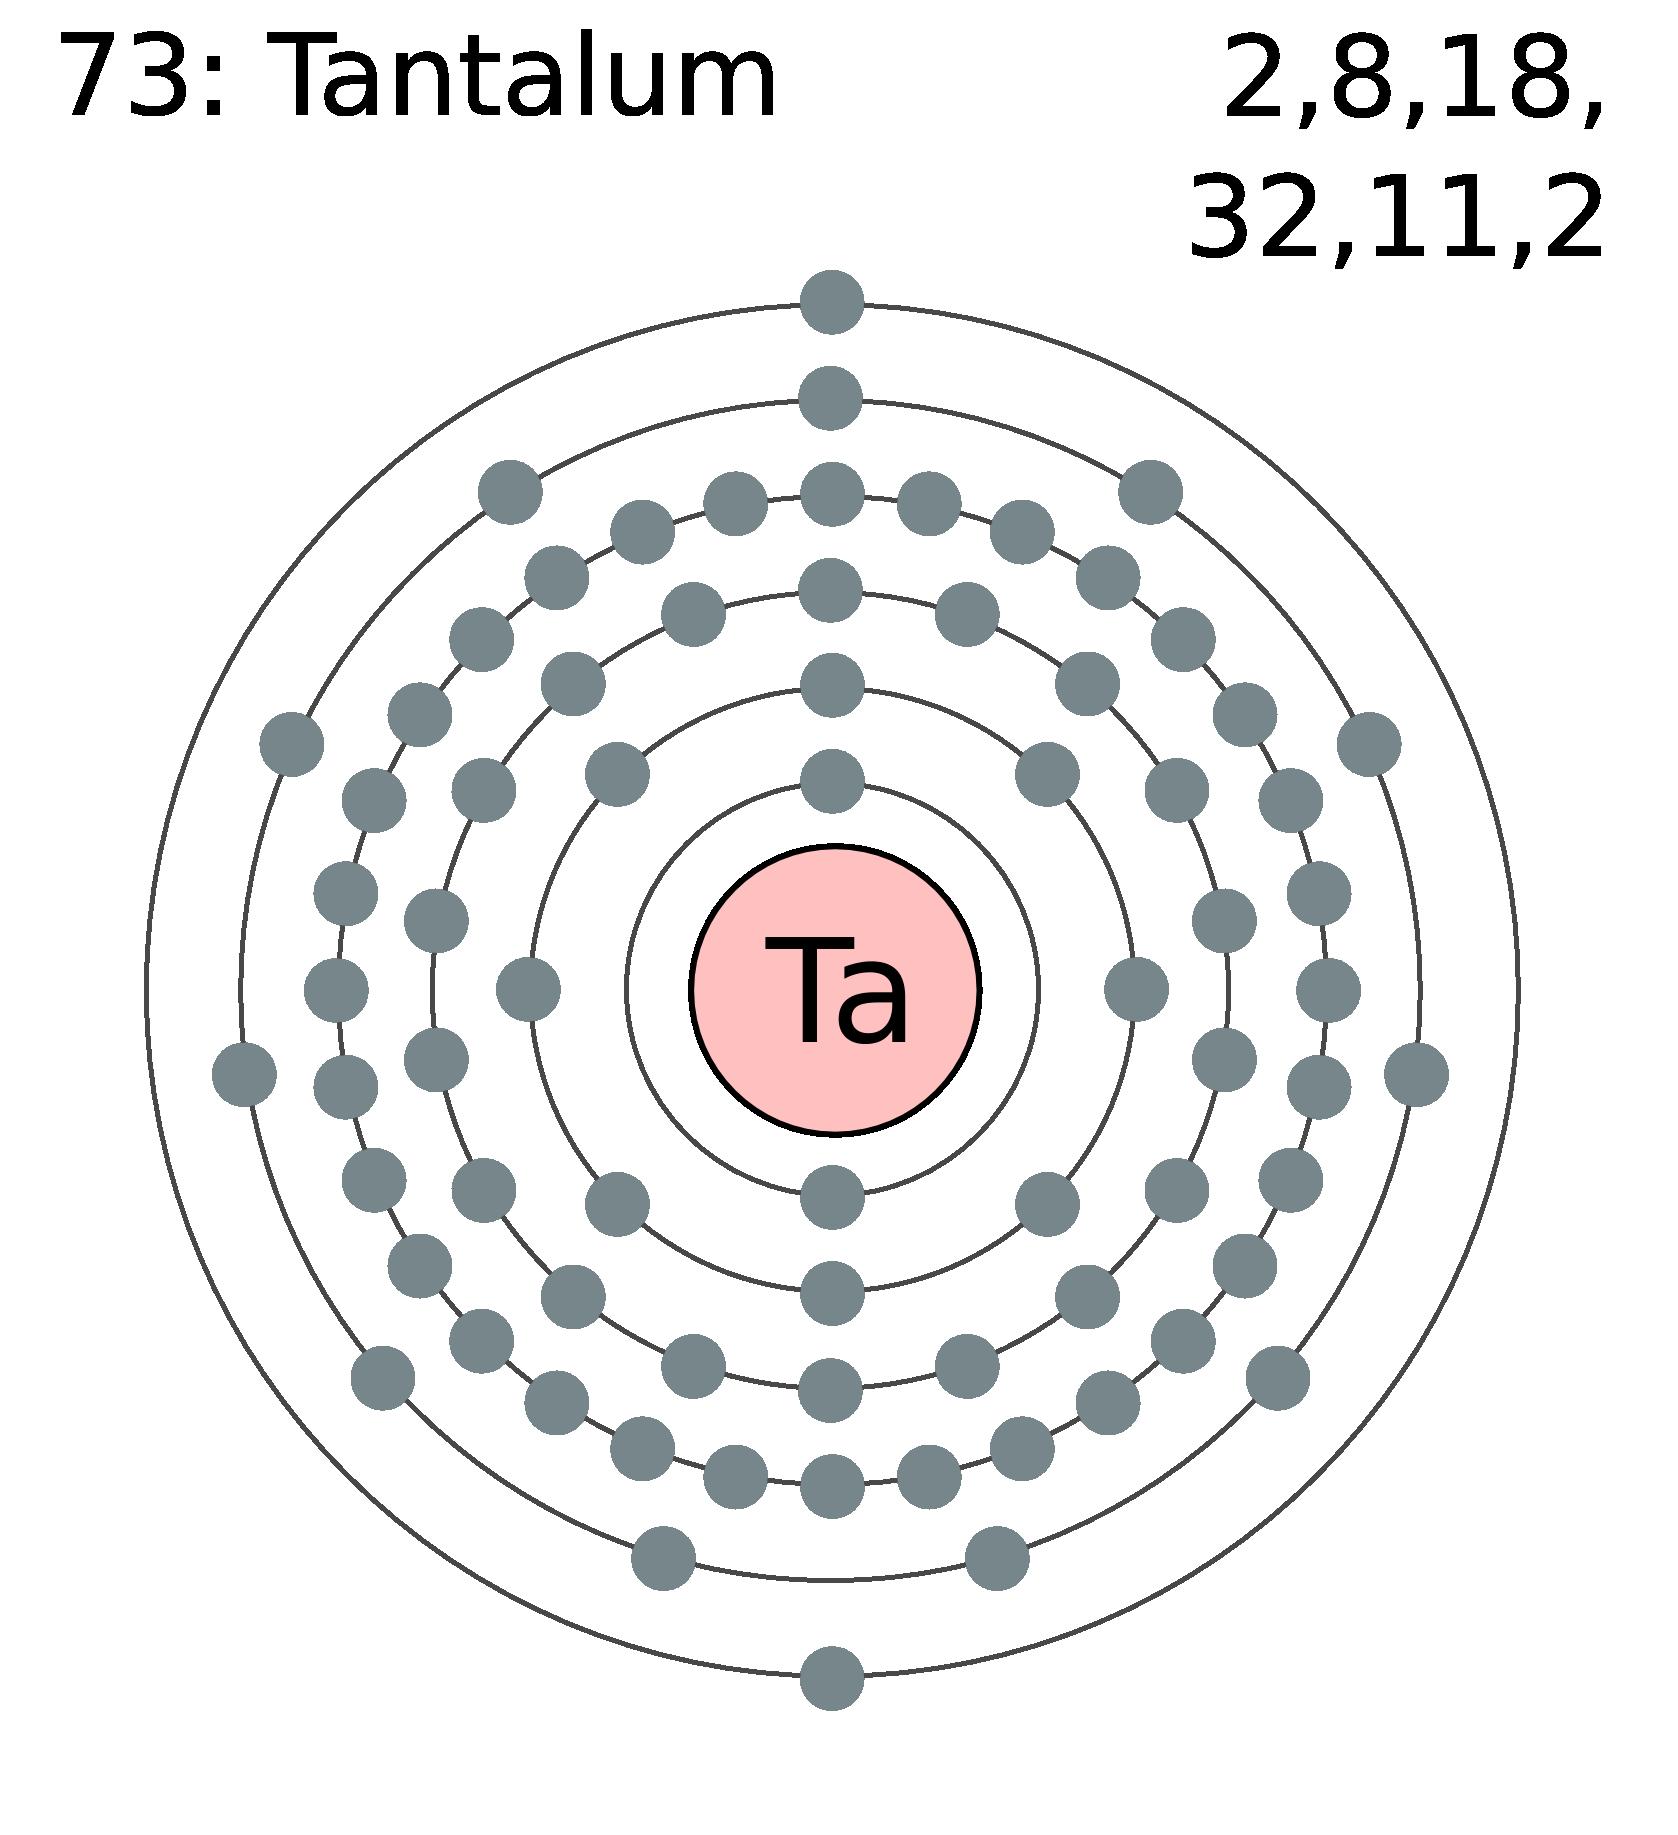 caldersgr9science - 73 Tantalum